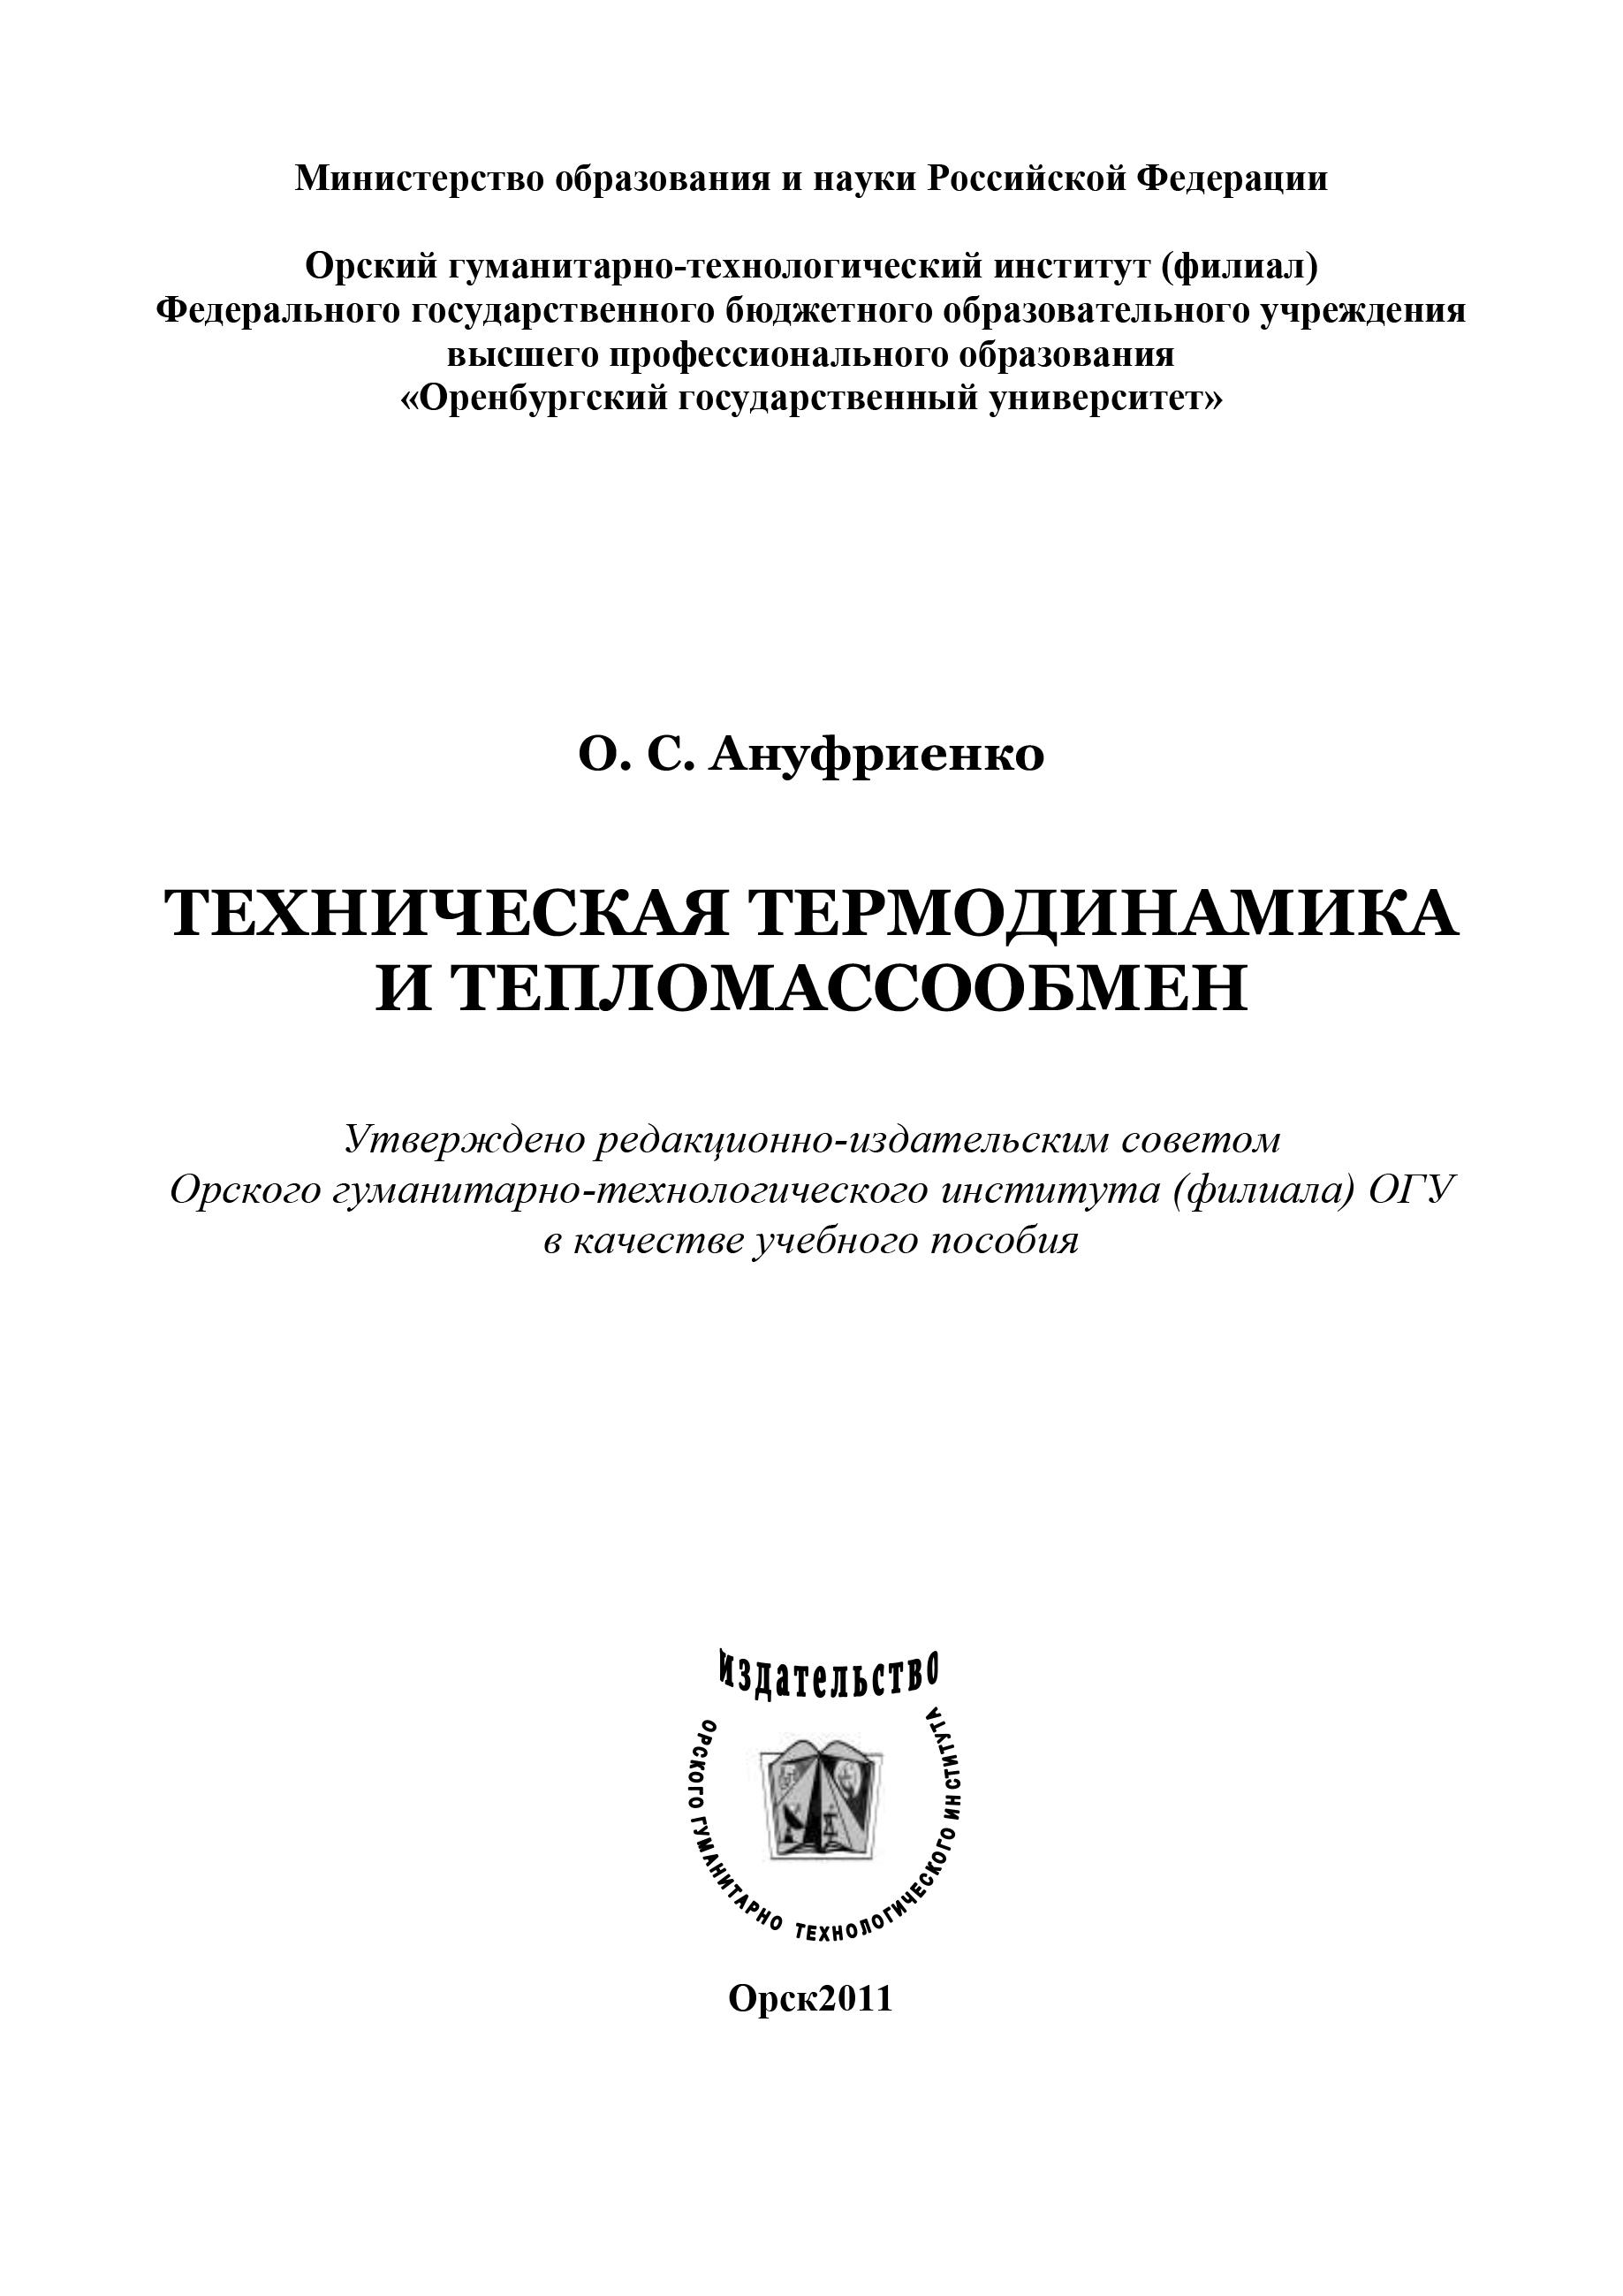 О. Ануфриенко Техническая термодинамика и тепломассообмен о ануфриенко техническая термодинамика и тепломассообмен